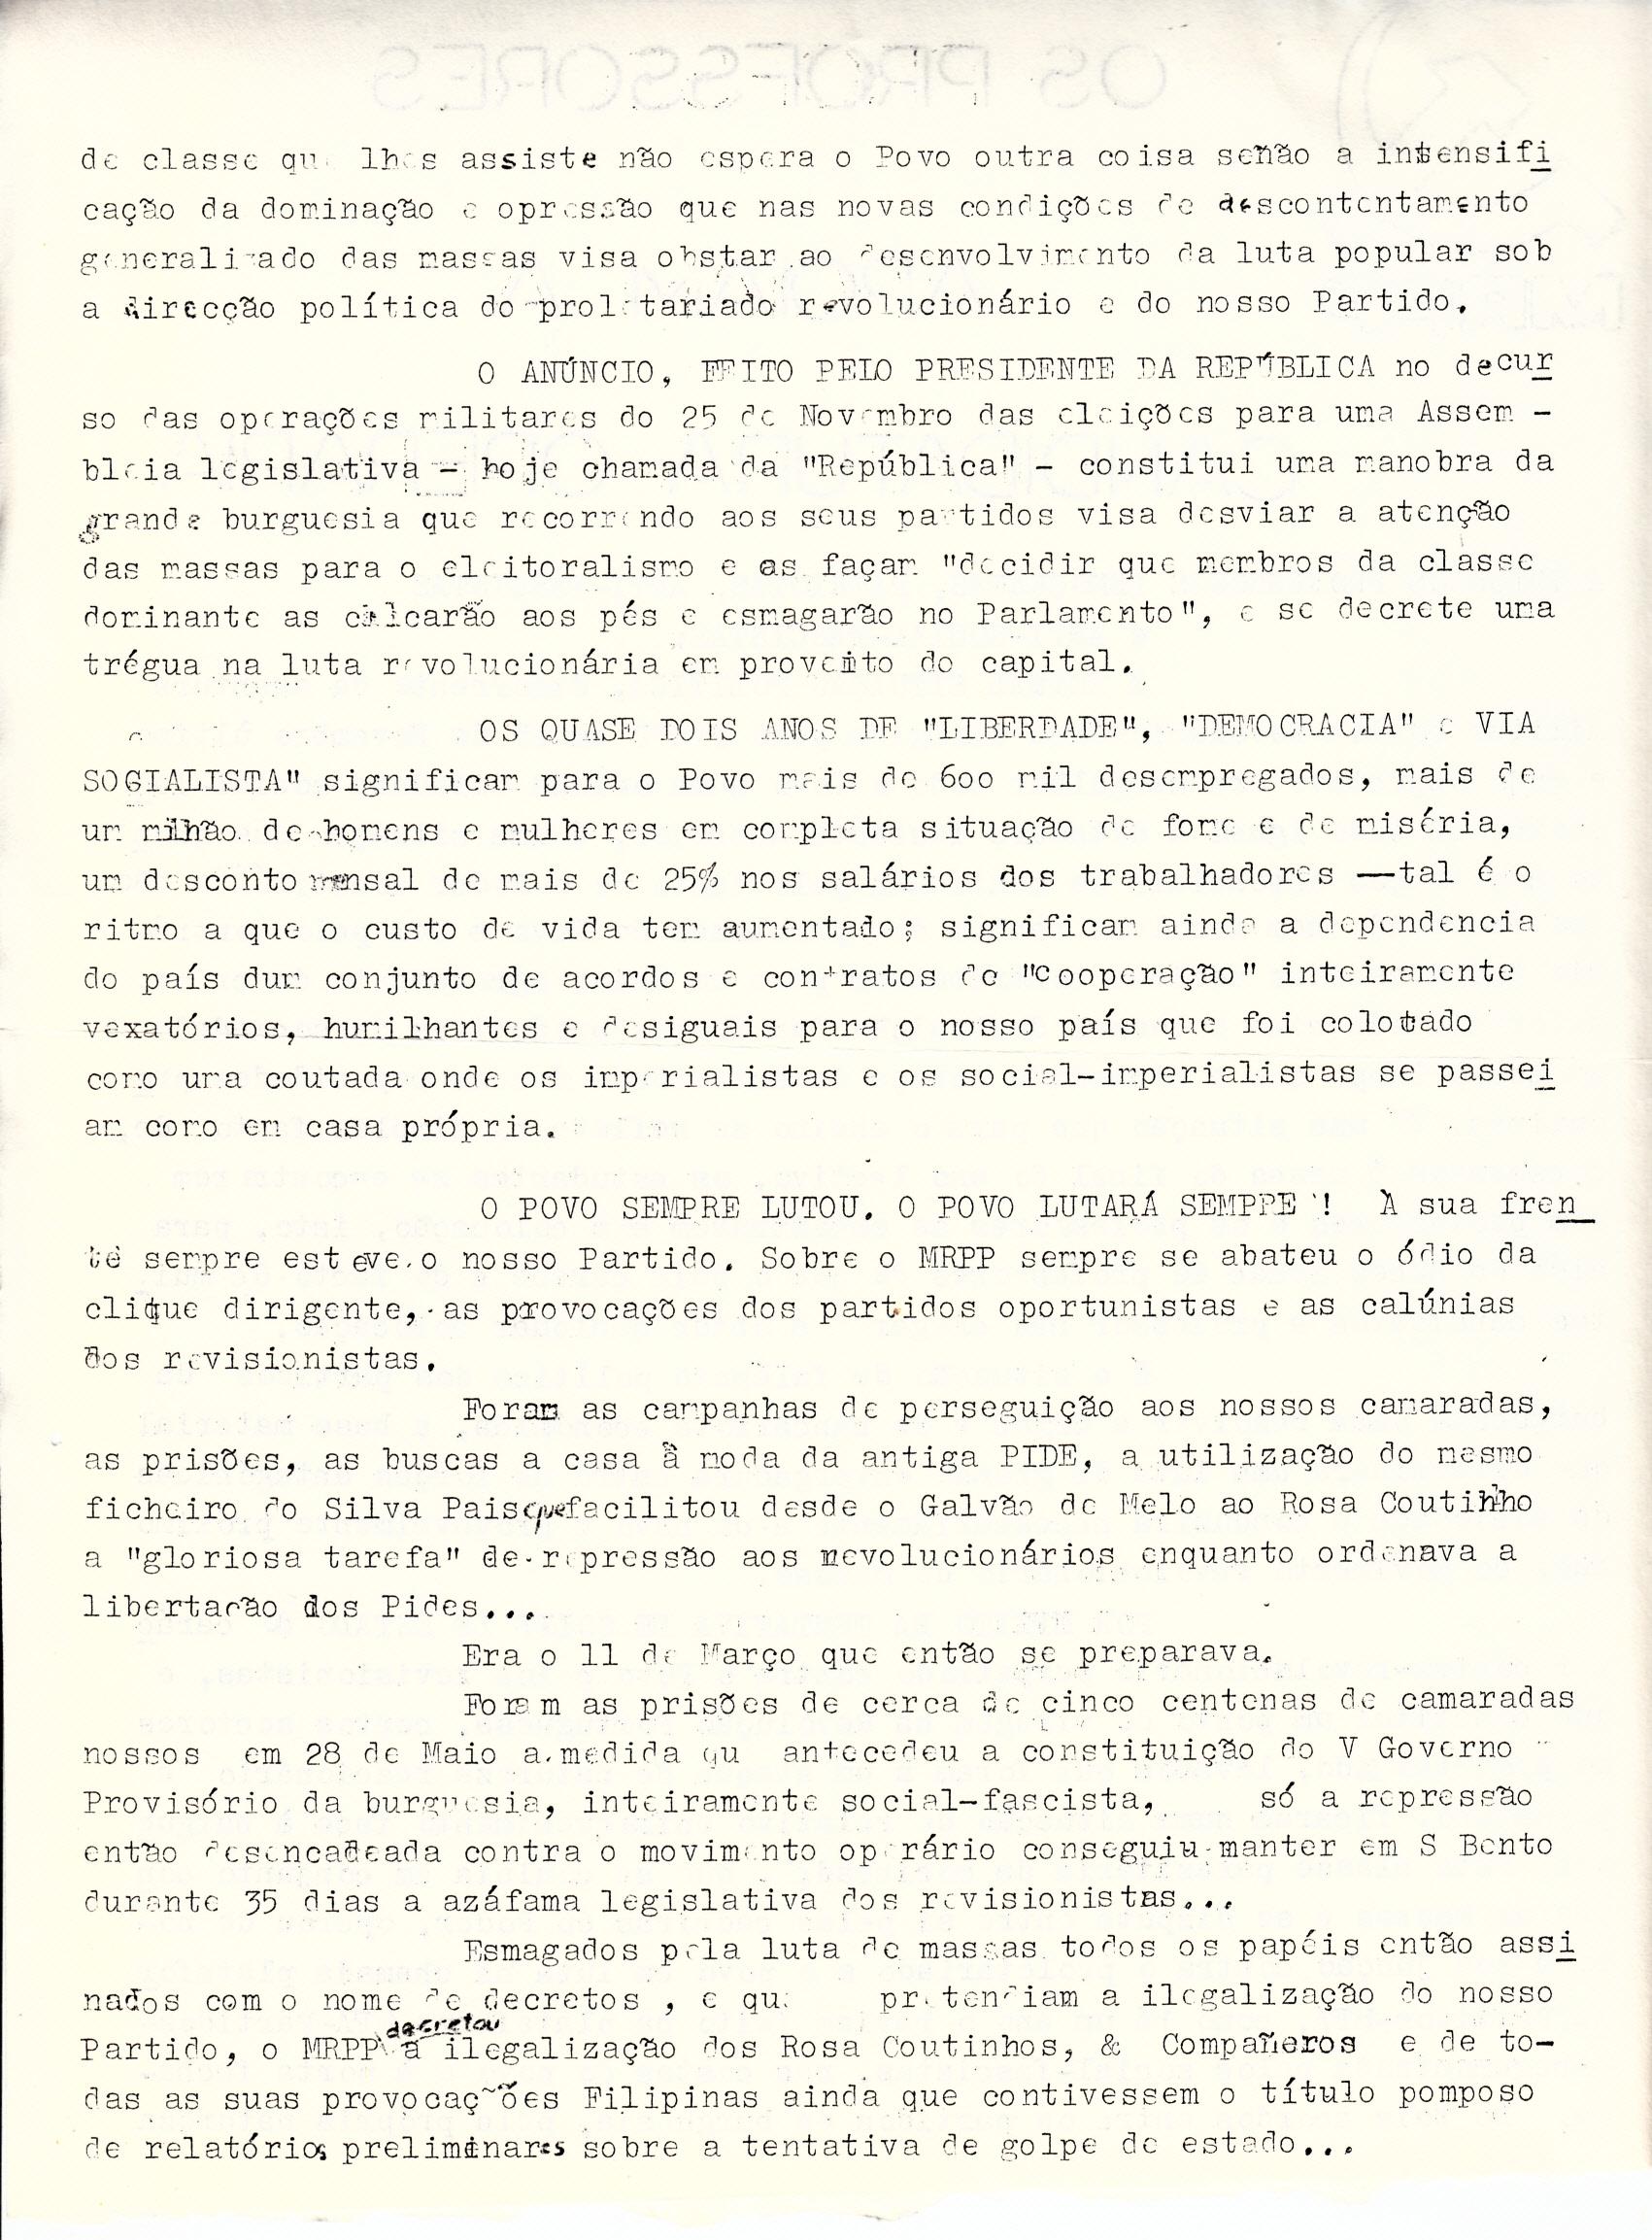 mrpp_1976_eleicao_profs_0002